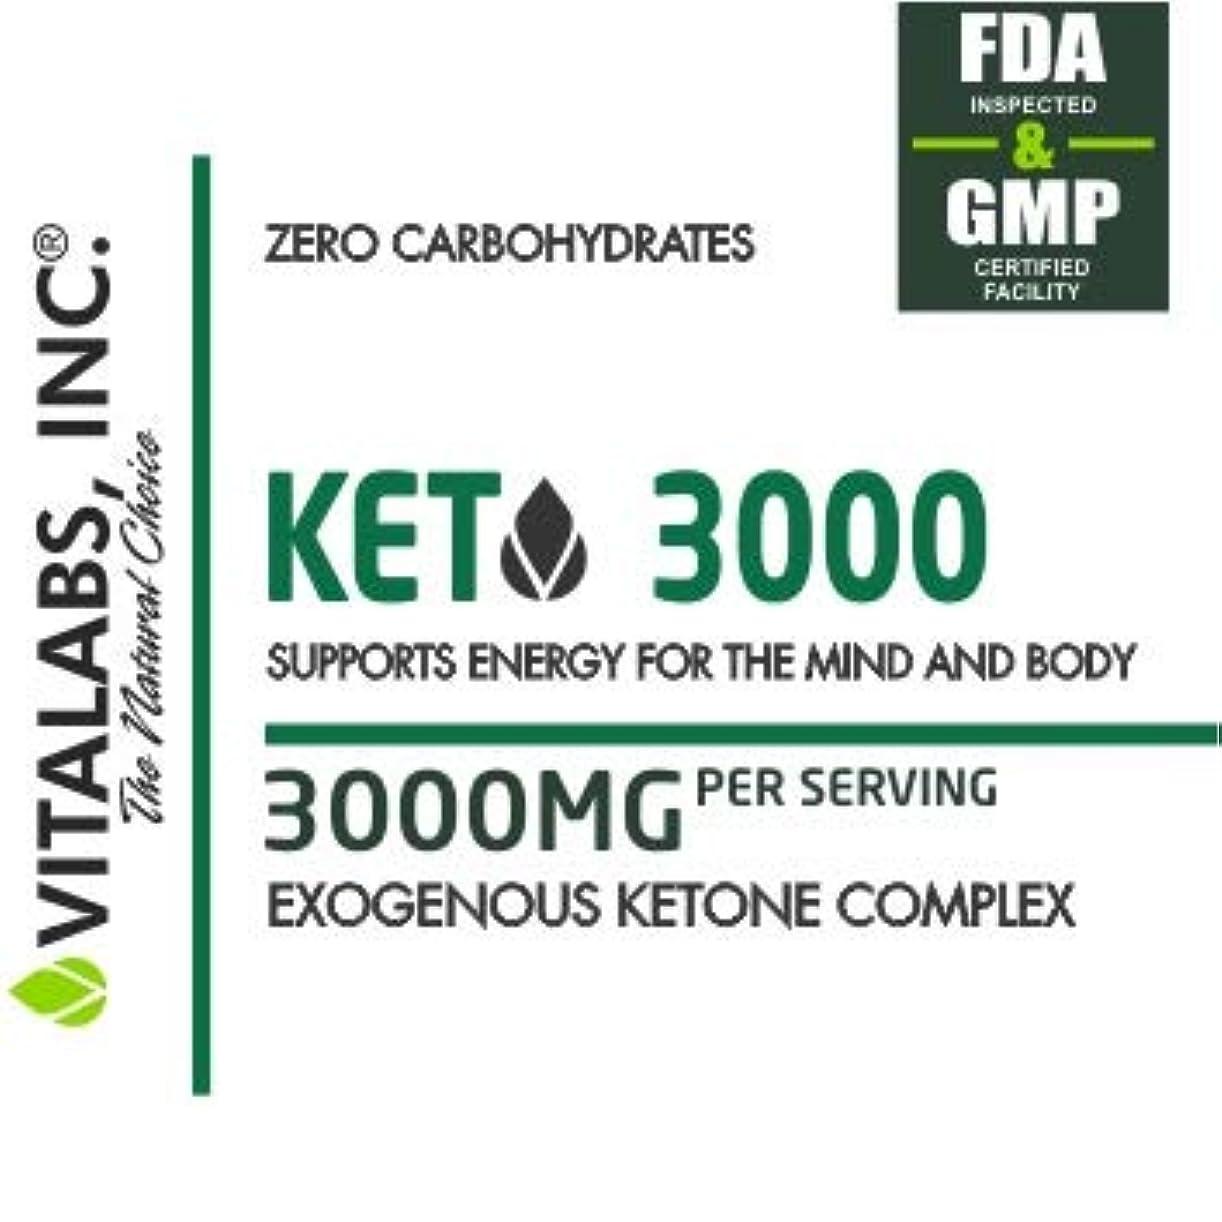 遺跡劣る洗剤低炭水化物状態を作る/ケトジェニックダイエットサポートサプリメント KETO 3000/ Vitalabs 【アメリカより直送】 (120カプセル(30回分))